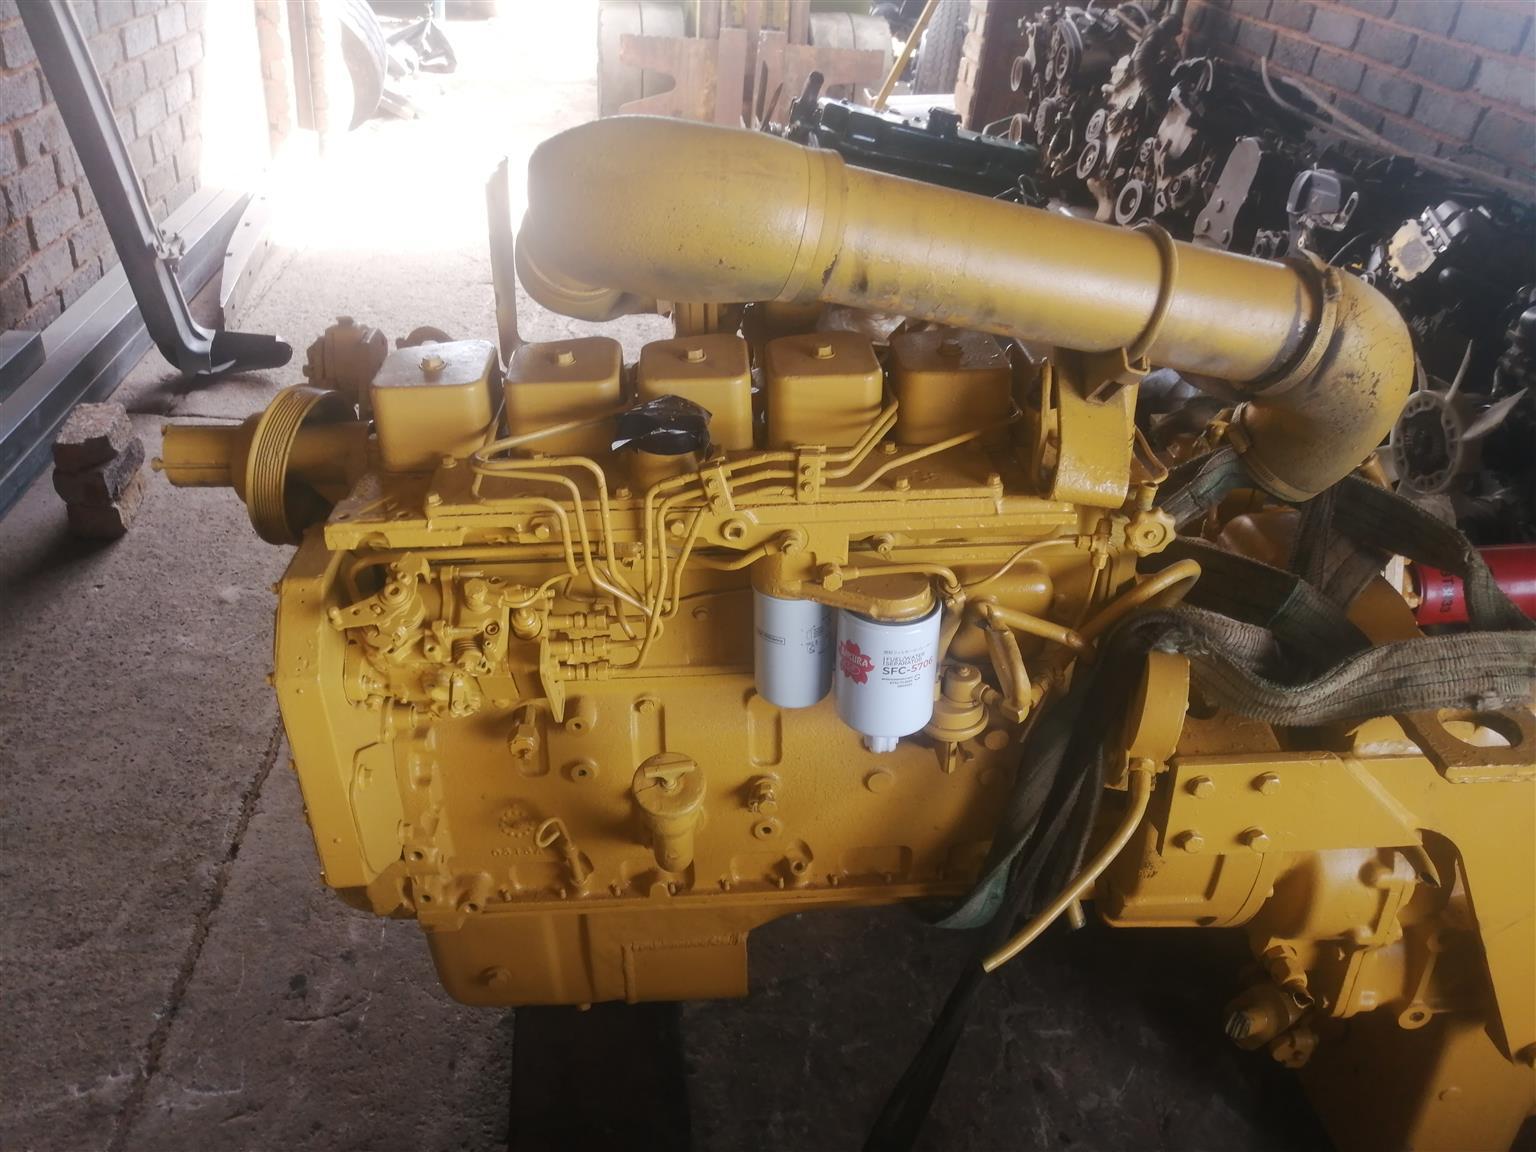 Selling 6bt turbo cummins engine